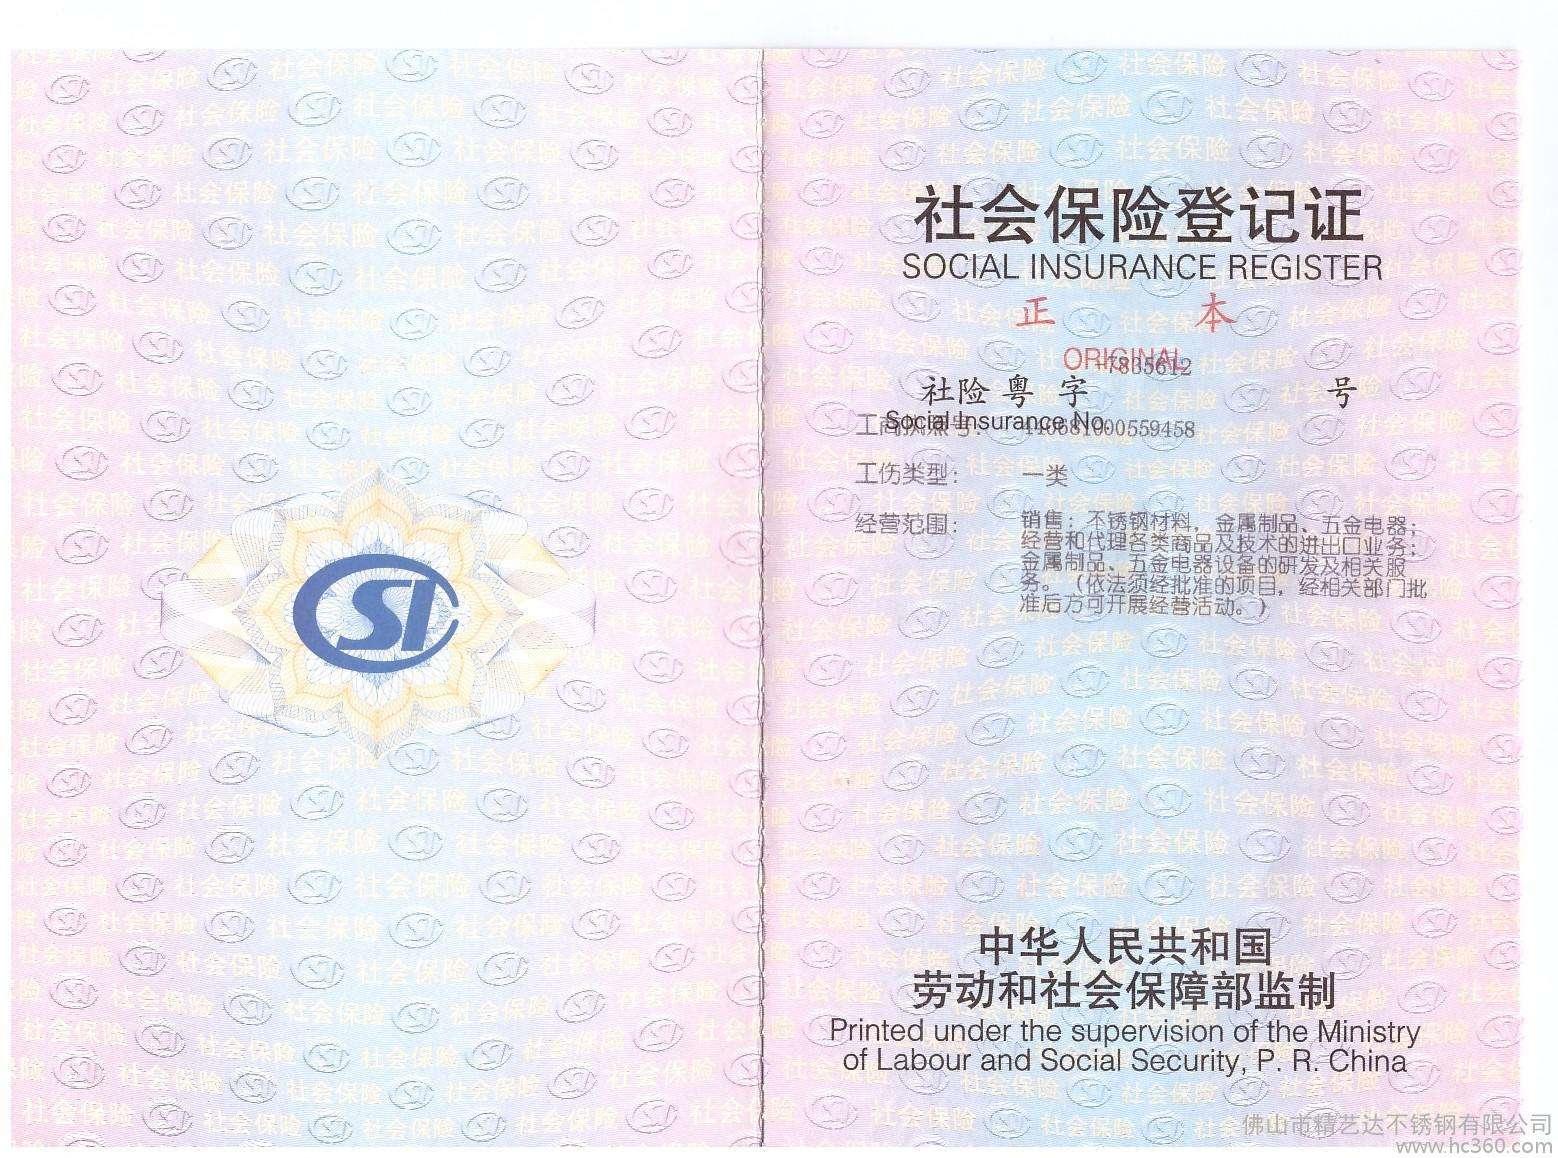 济宁市保险社会事业局_社会保险登记_住院登记 化验登记管理制度